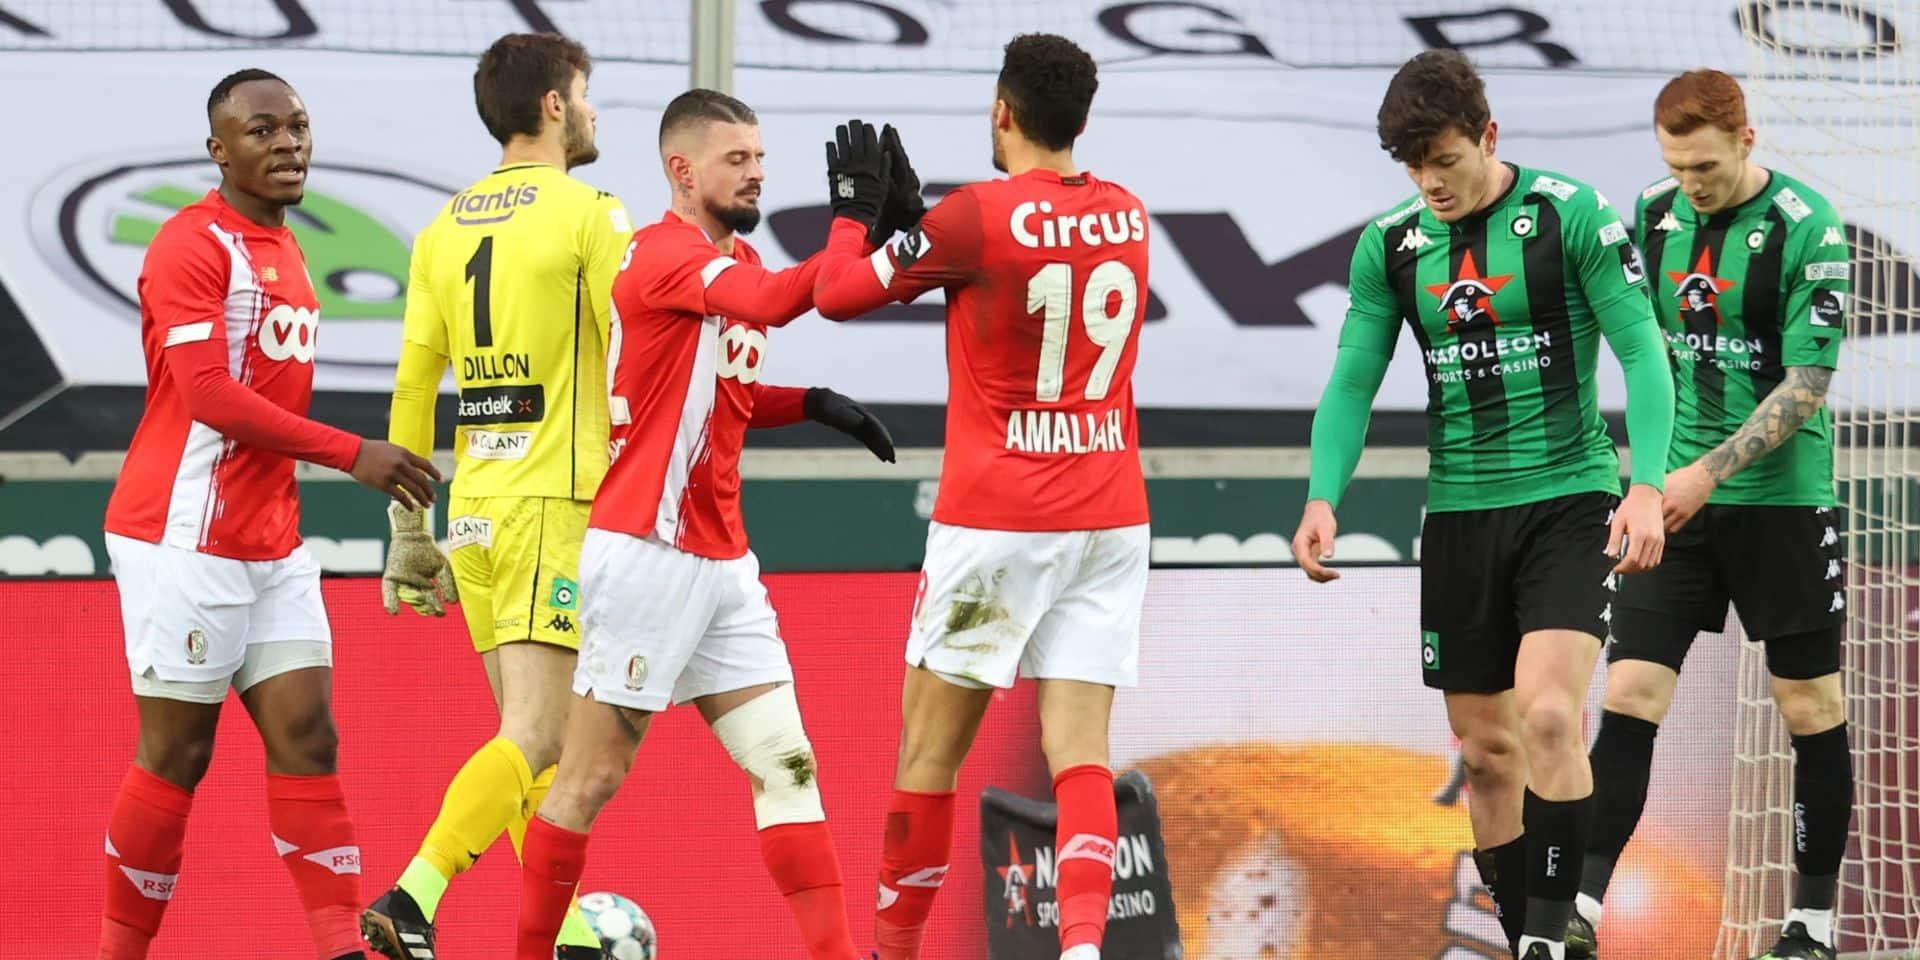 Le Standard s'impose au Cercle grâce à Lestienne et revient à deux points du top 4 (0-1)